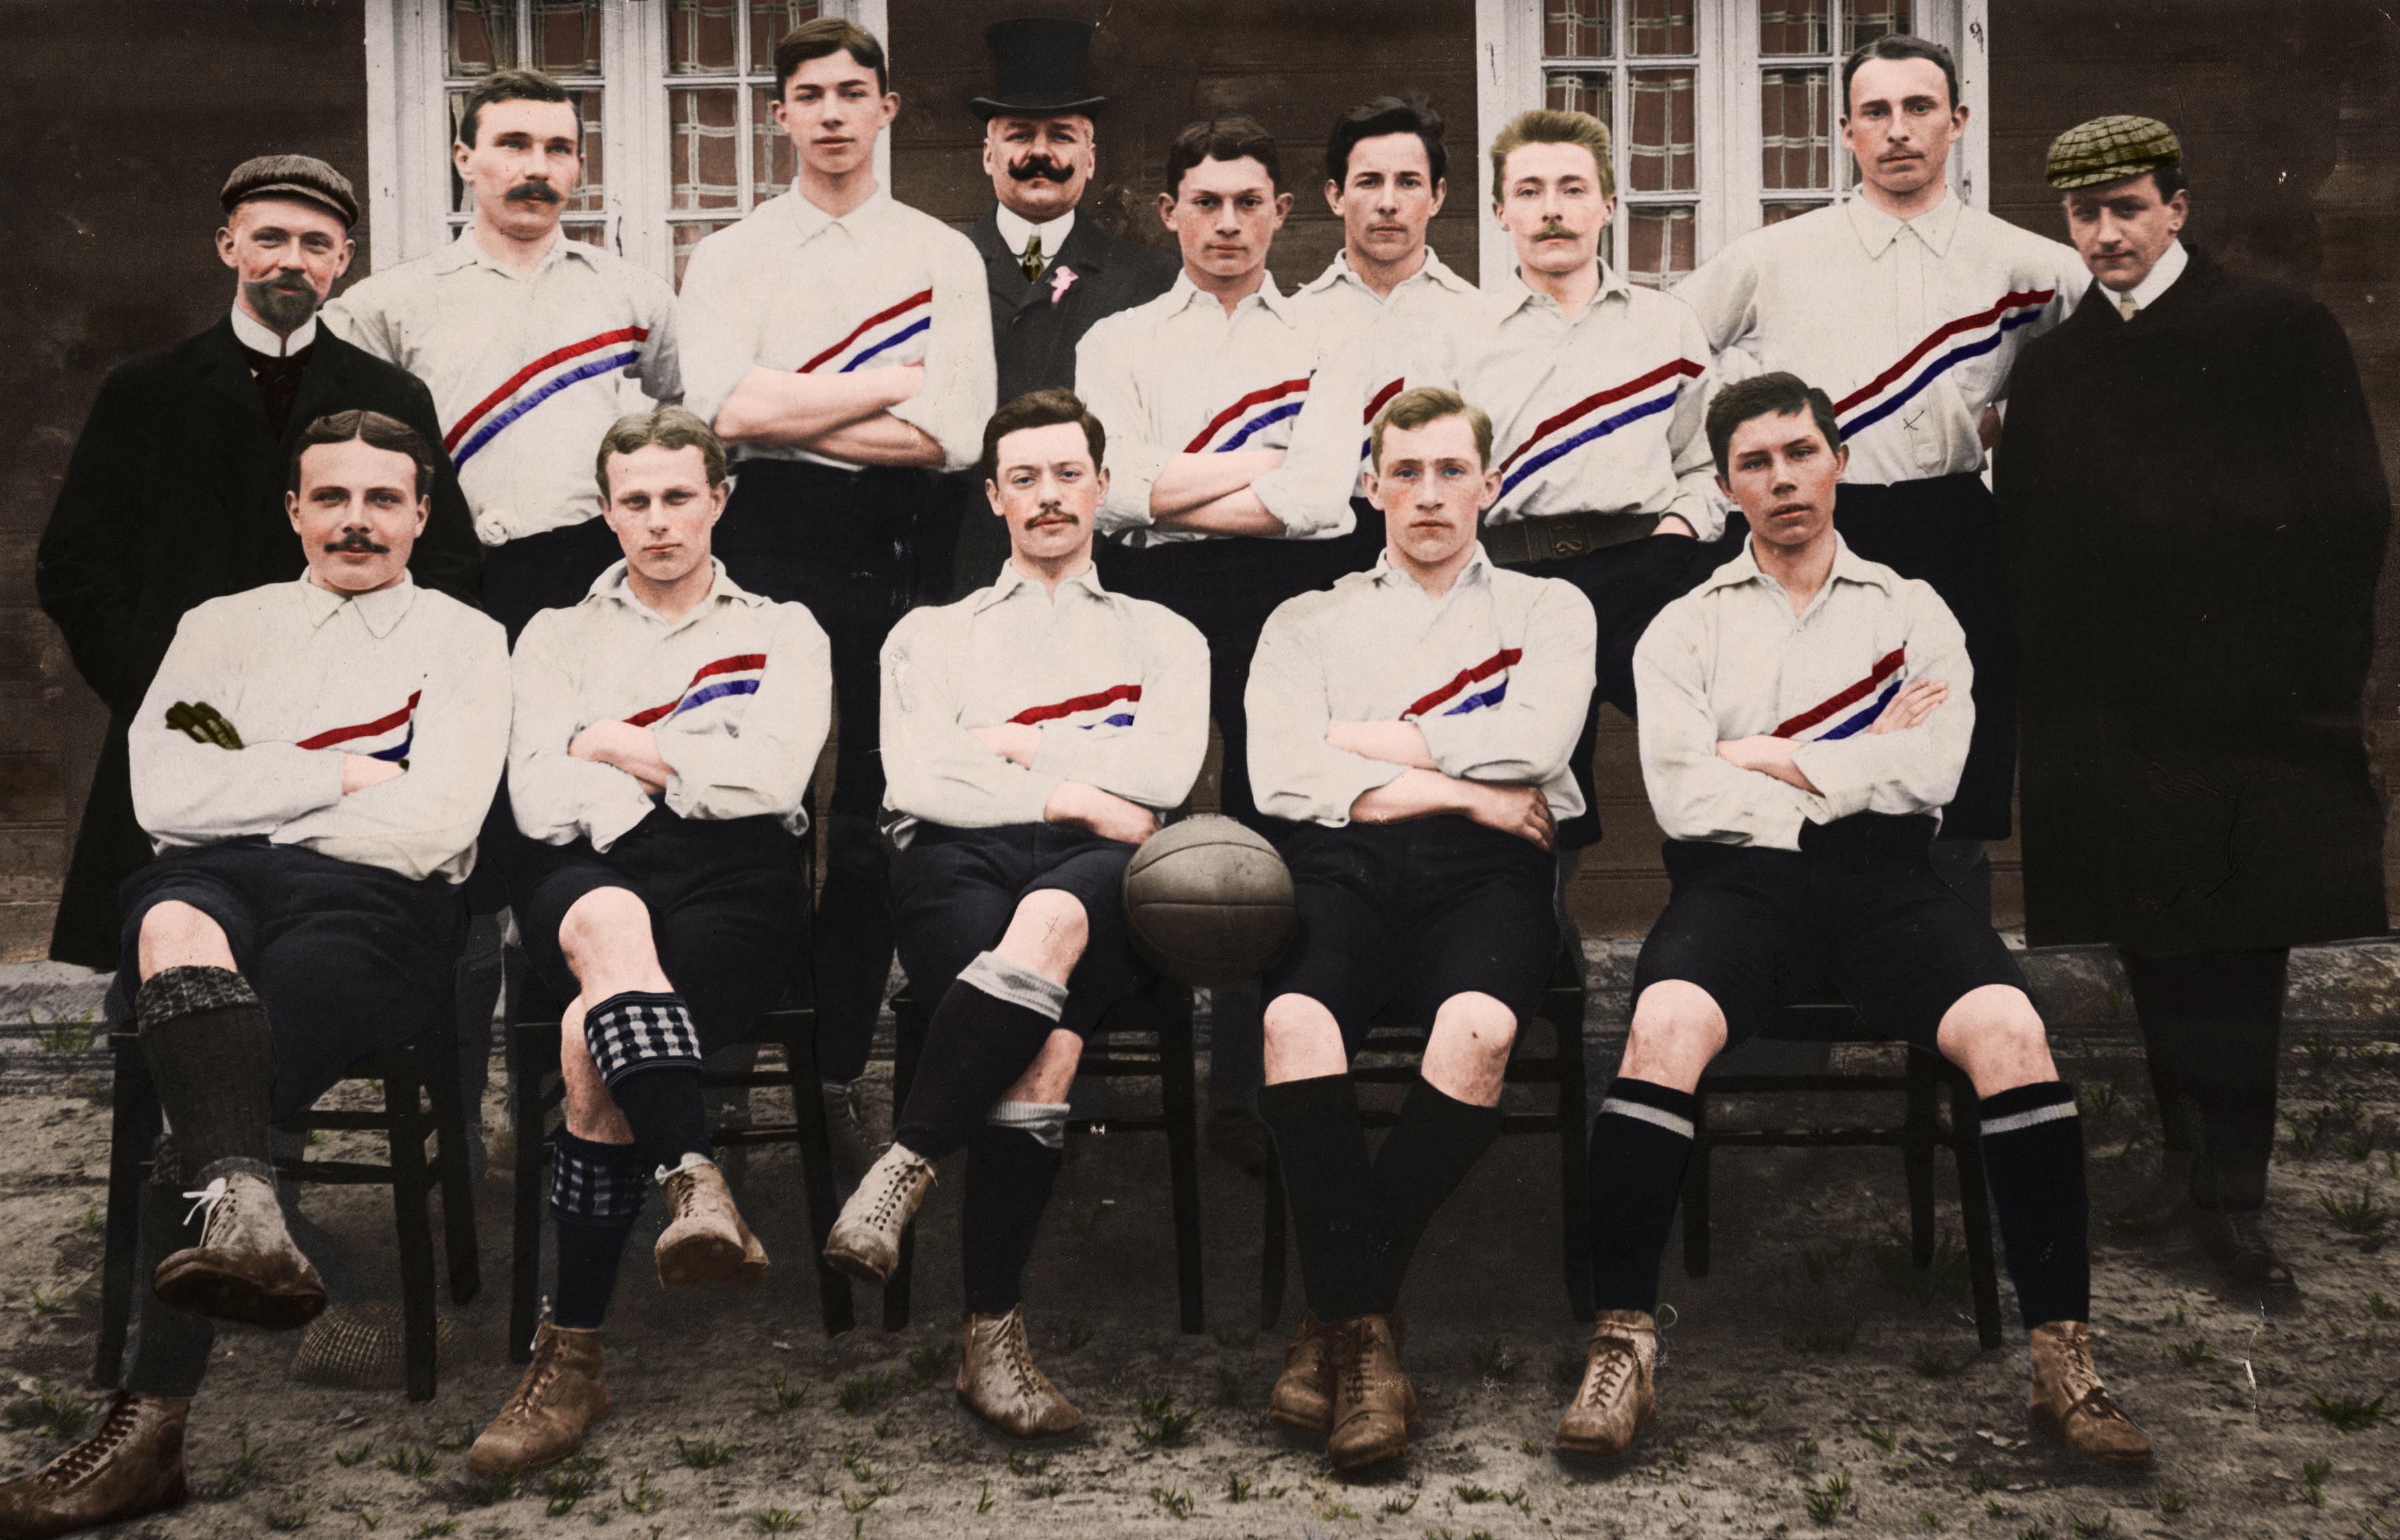 niederländische nationalmannschaft